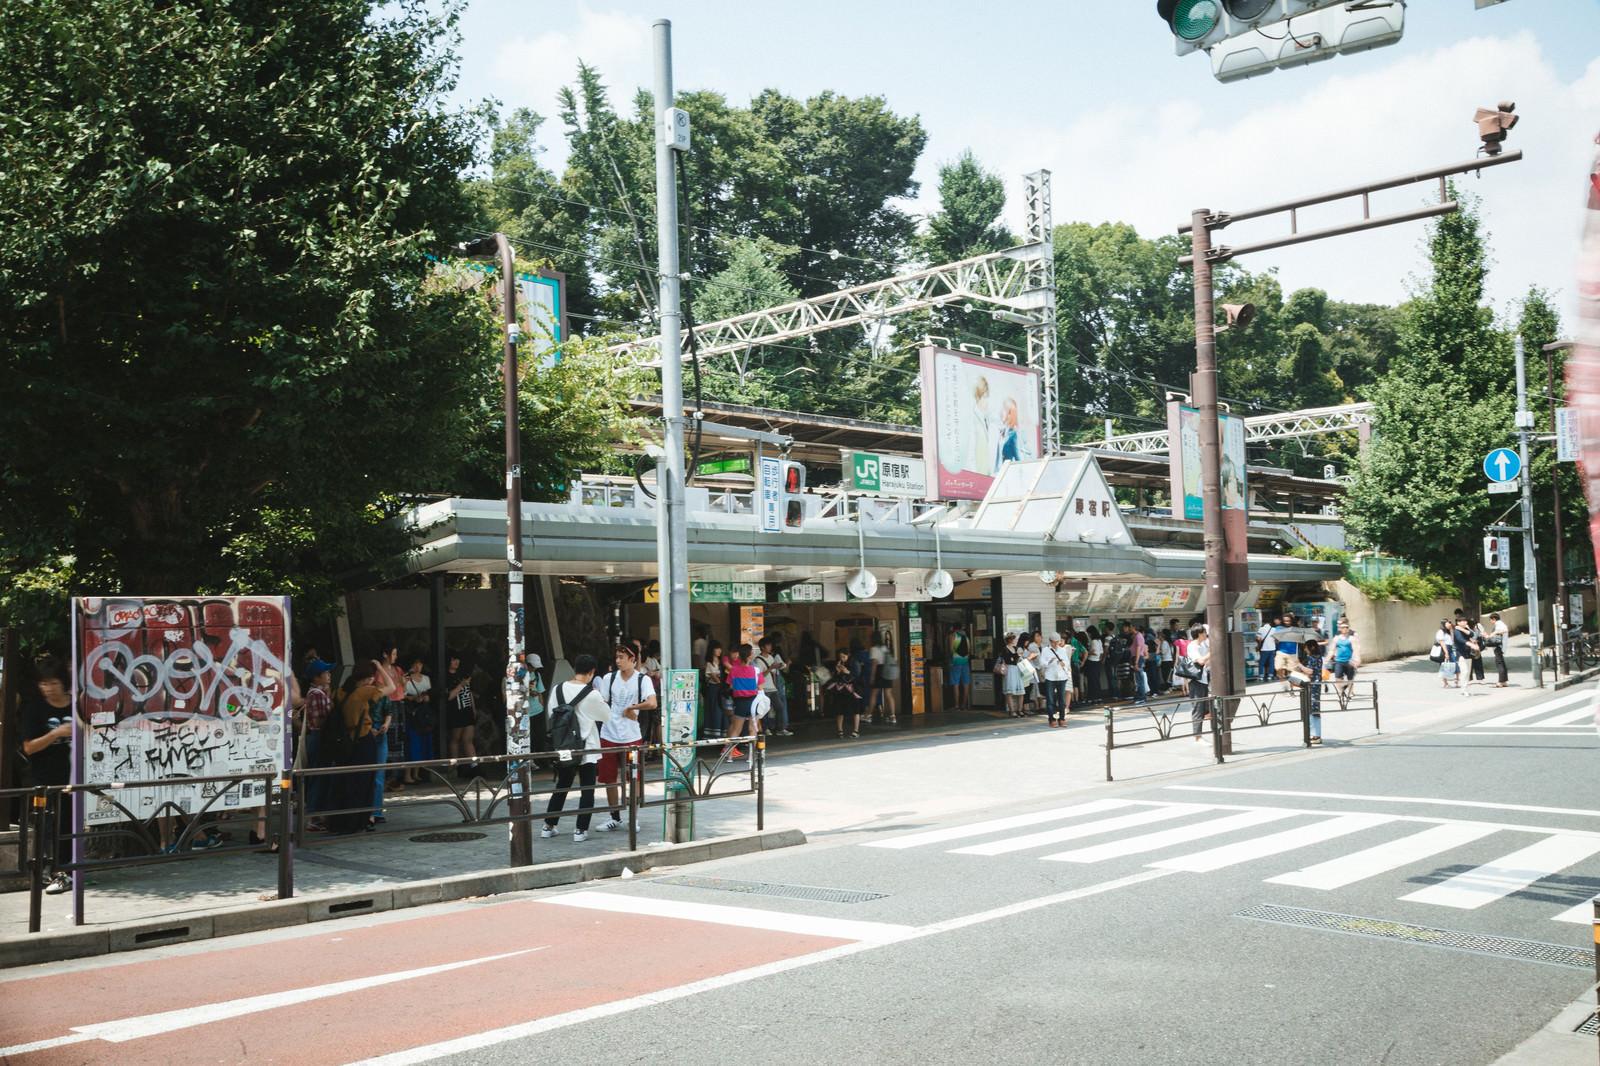 「原宿駅(竹下口前)原宿駅(竹下口前)」のフリー写真素材を拡大